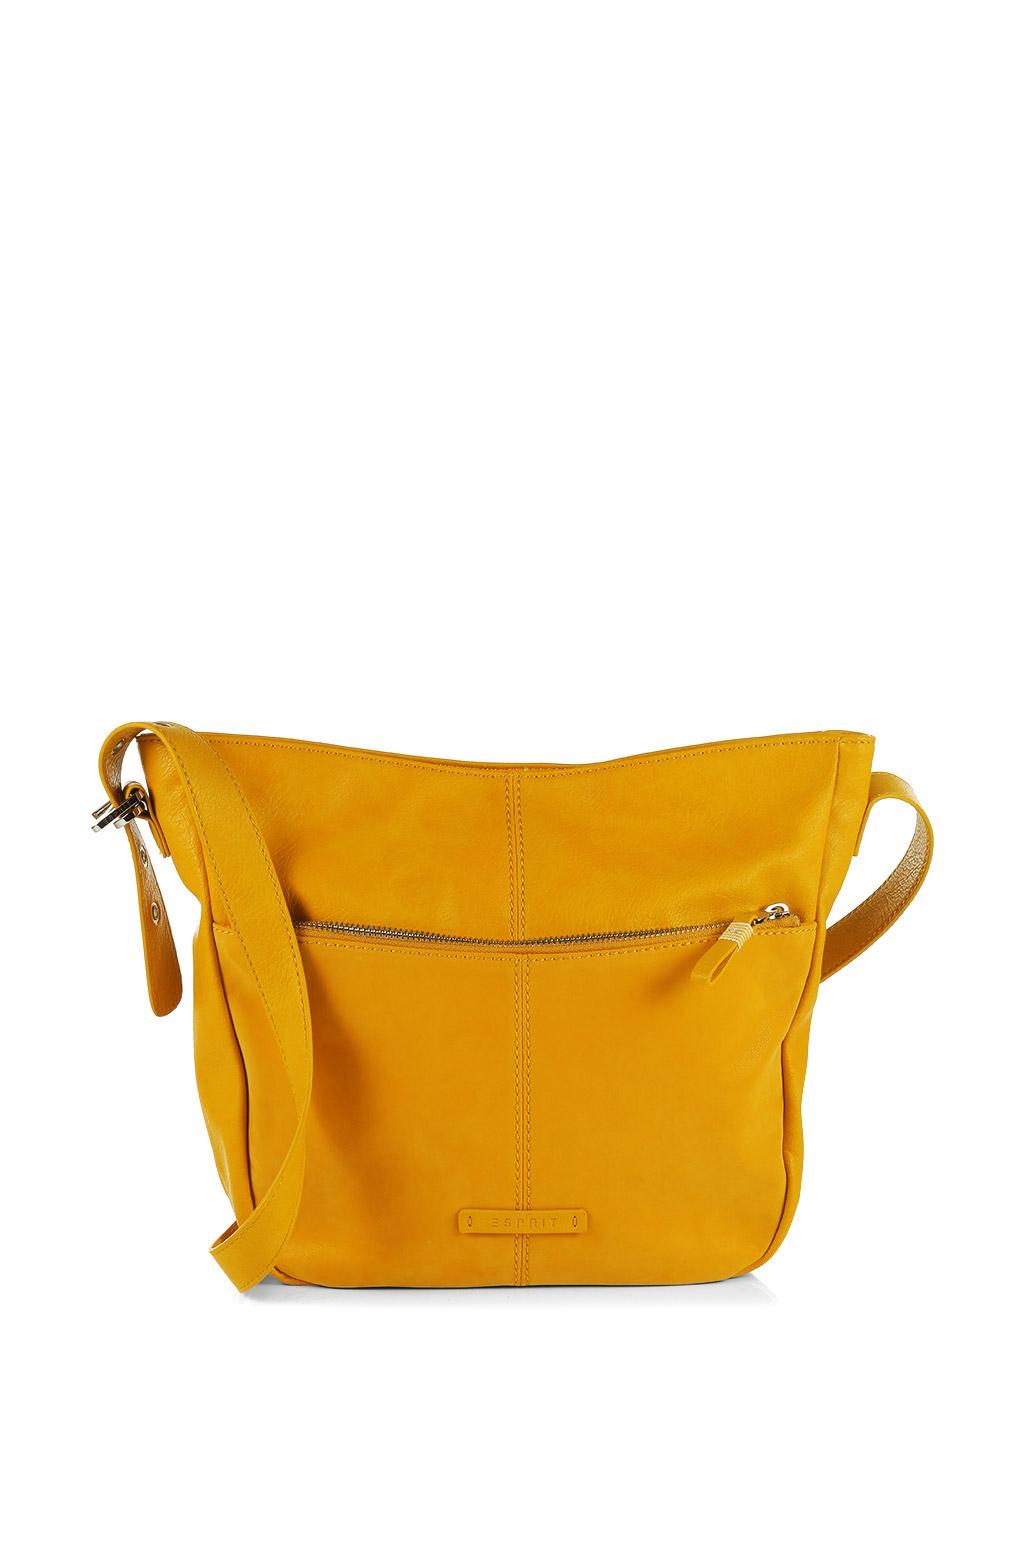 Esprit Imitation Leather Shoulder Bag 46